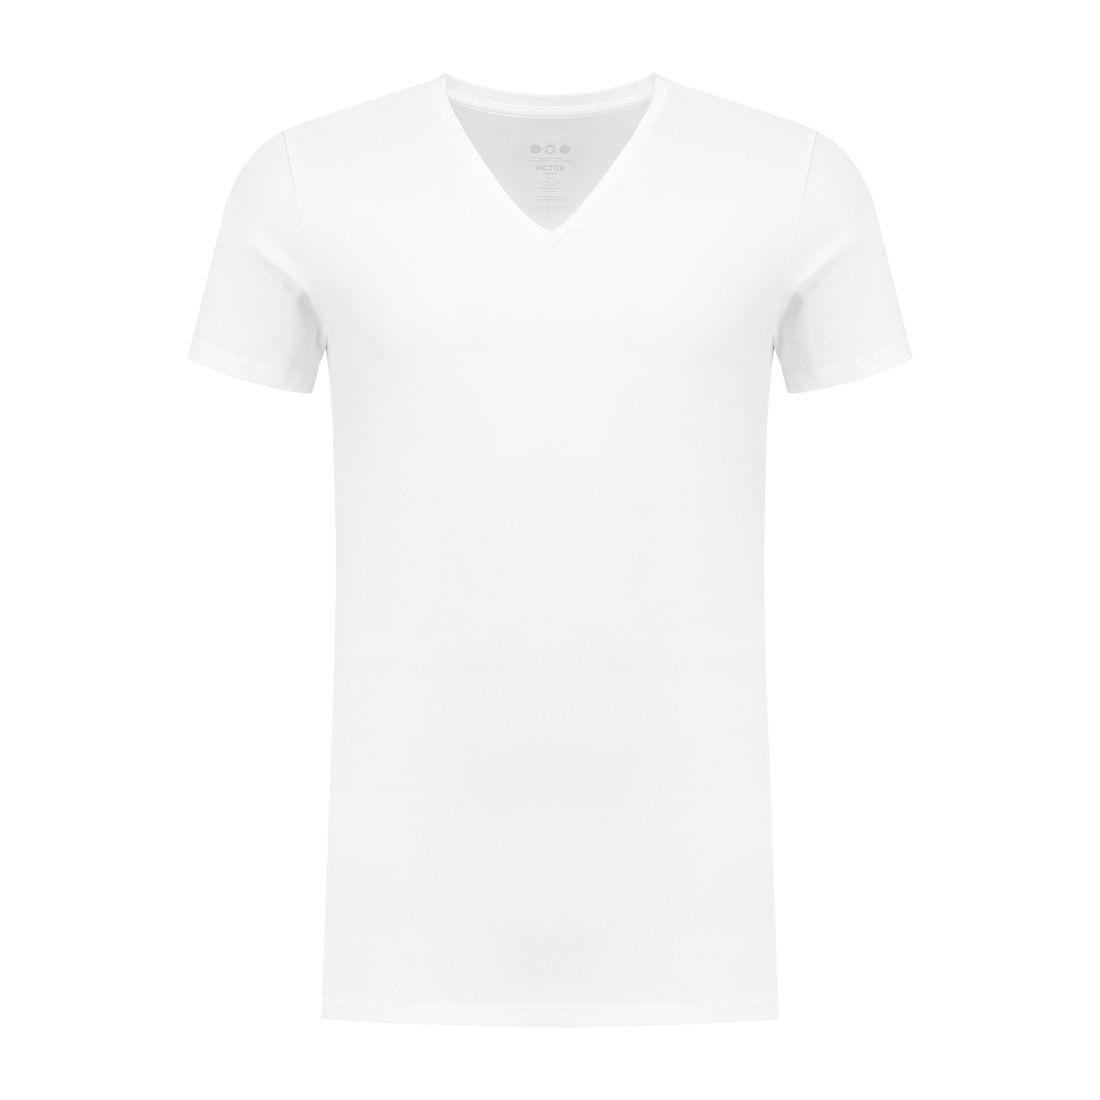 Afbeelding van A dam Underwear victor V hals shirt long wit heren